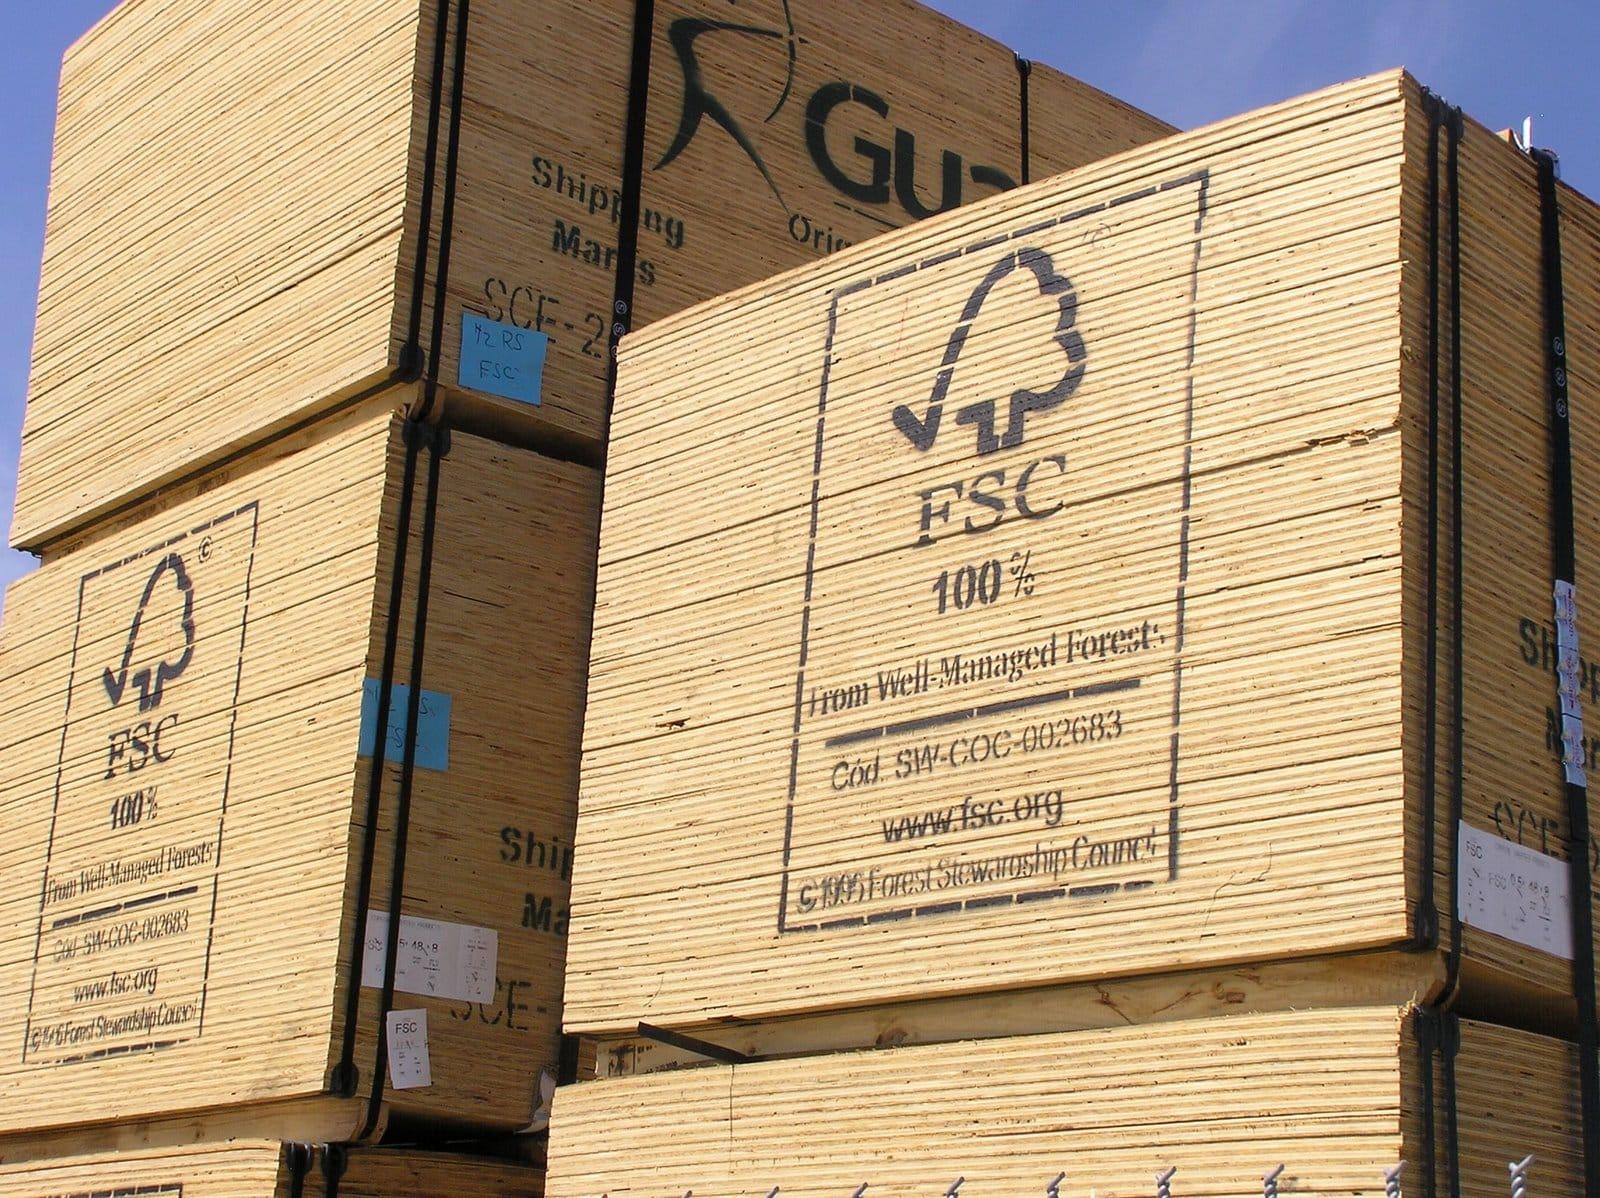 La Forest Stewardship Council certificará la deforestación prometida por HP.